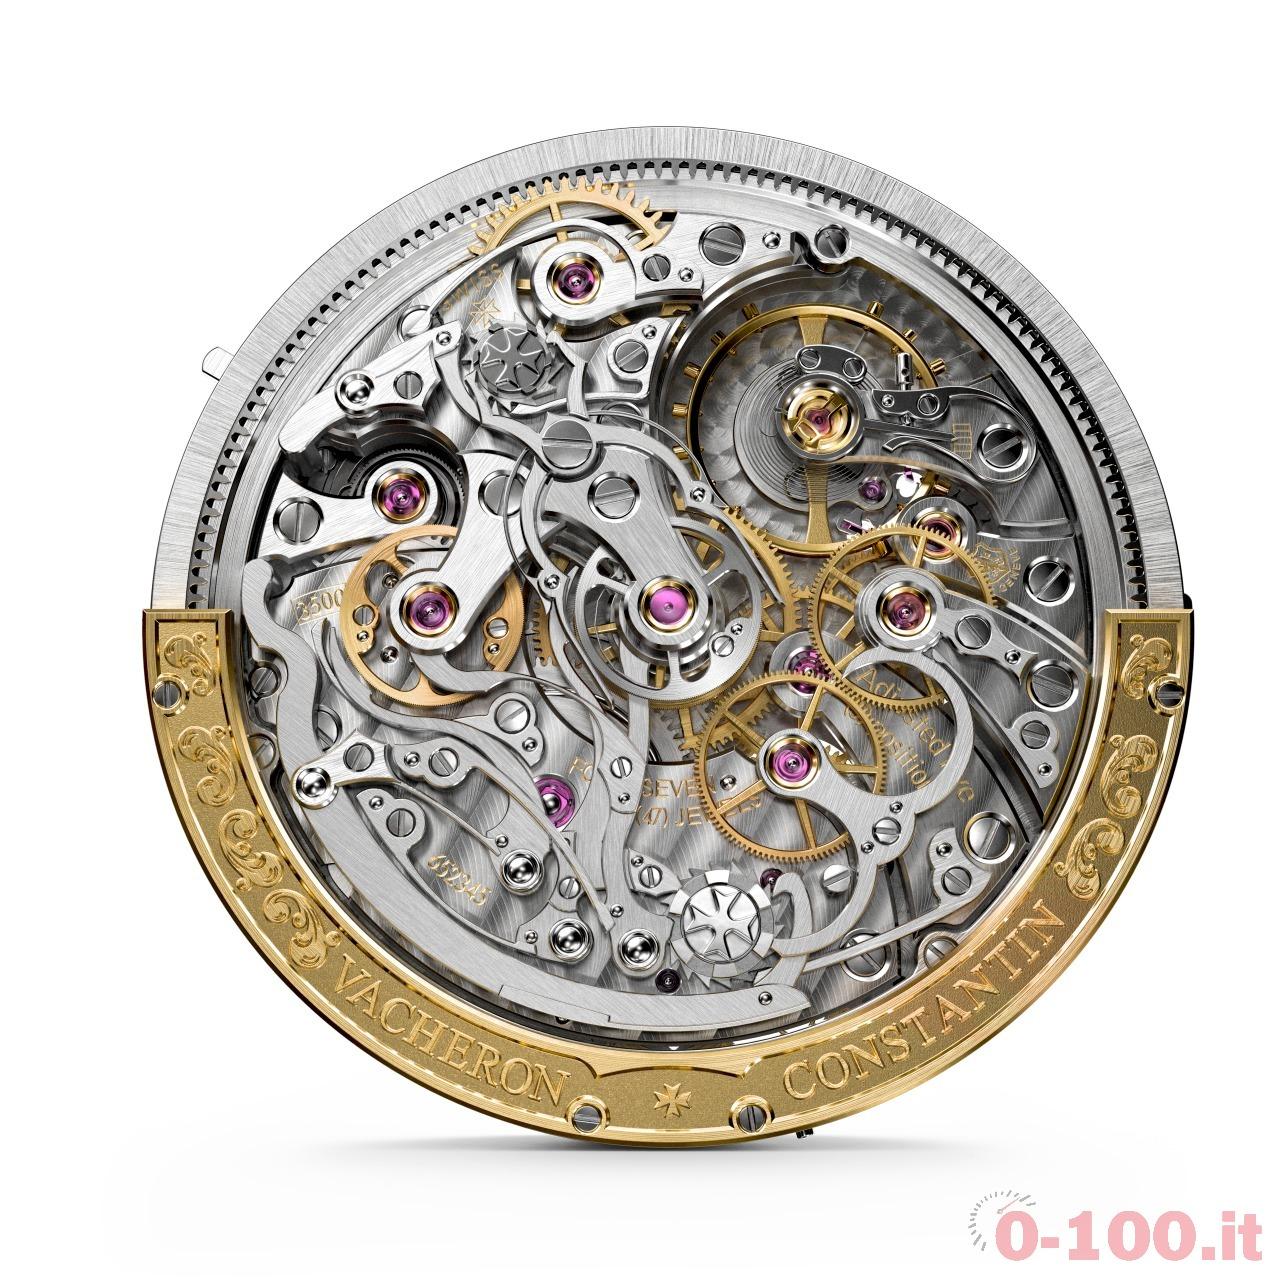 sihh-2015-vacheron-constantin-harmony-cronografo-grande-complicazione-ultra-piatto-calibro-3500-ref-5400s000p-b057-limited-edition_0-100_7